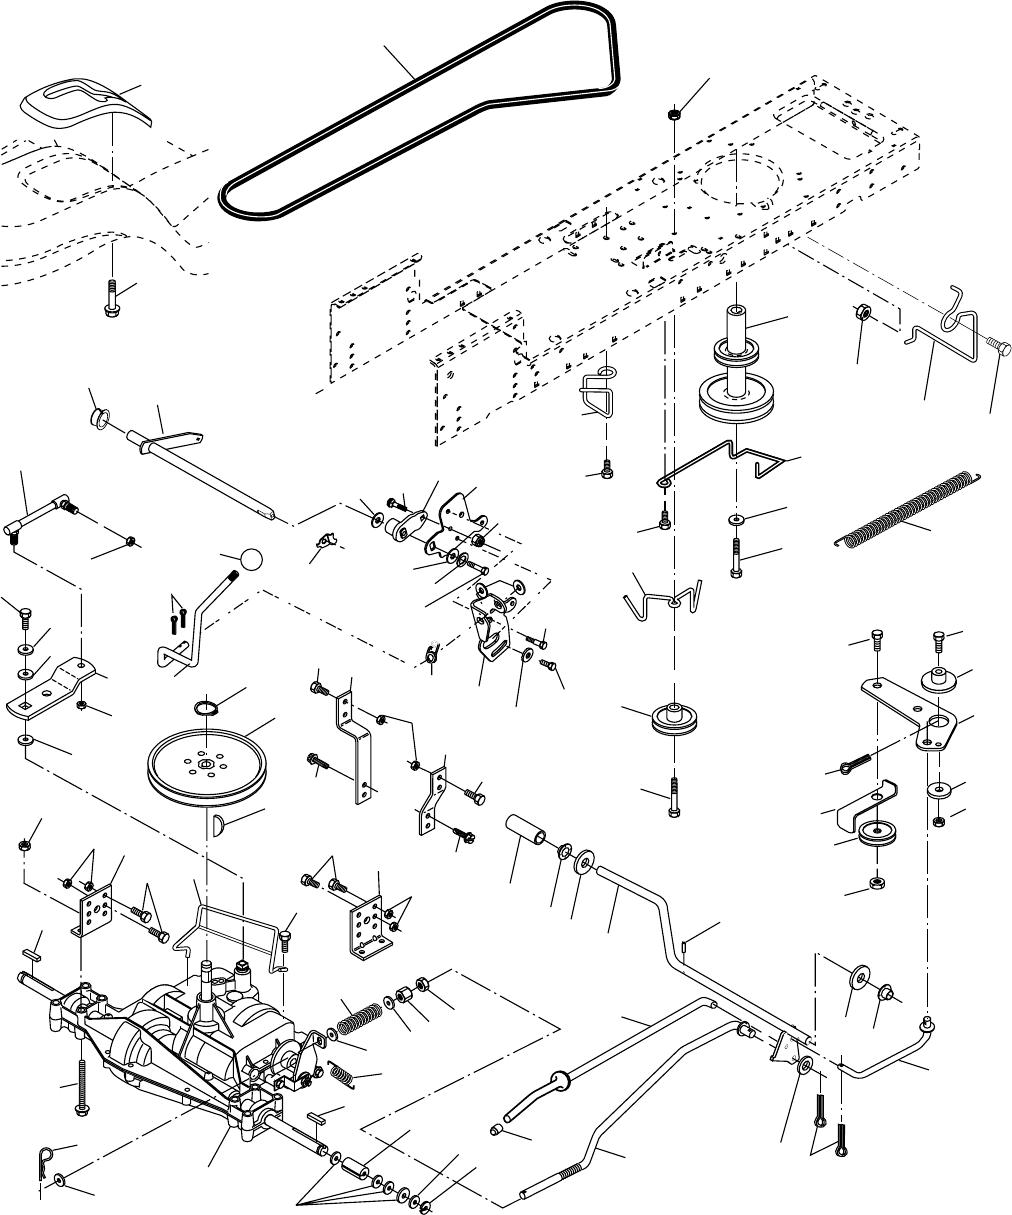 Husqvarna Lt1536 Users Manual OM, LT1536, HAU1536, 2005 05